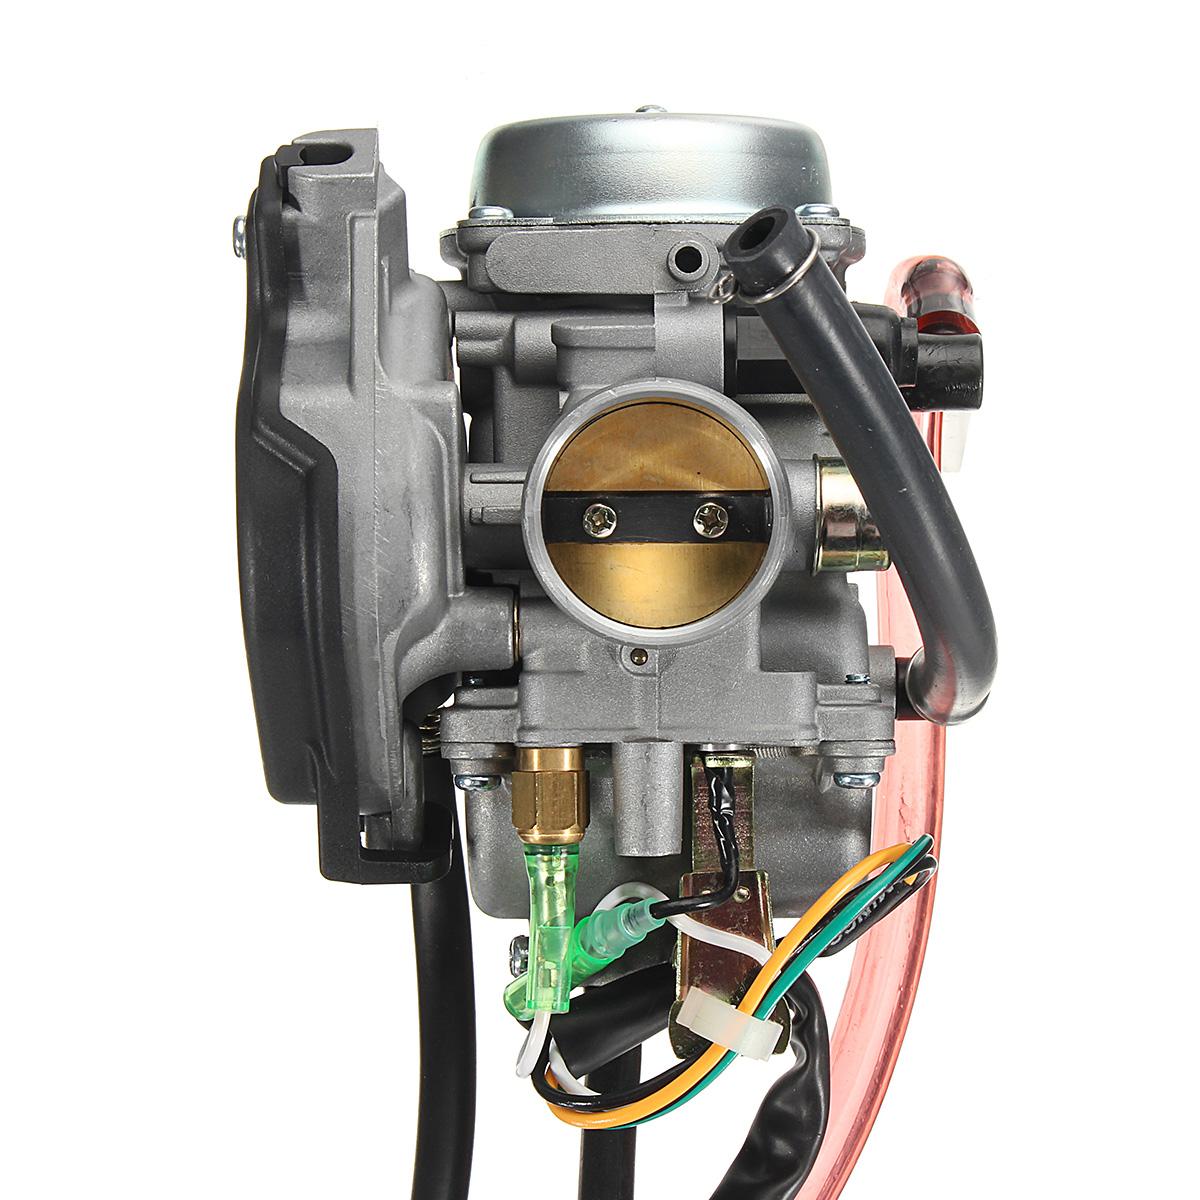 wingsmoto para carburador para Kawasaki kvf300/KVF 300/pradera 2/x 4/4/x 4/99/ /02/1999/2000/2001/2002/kvf300b kvf300/a